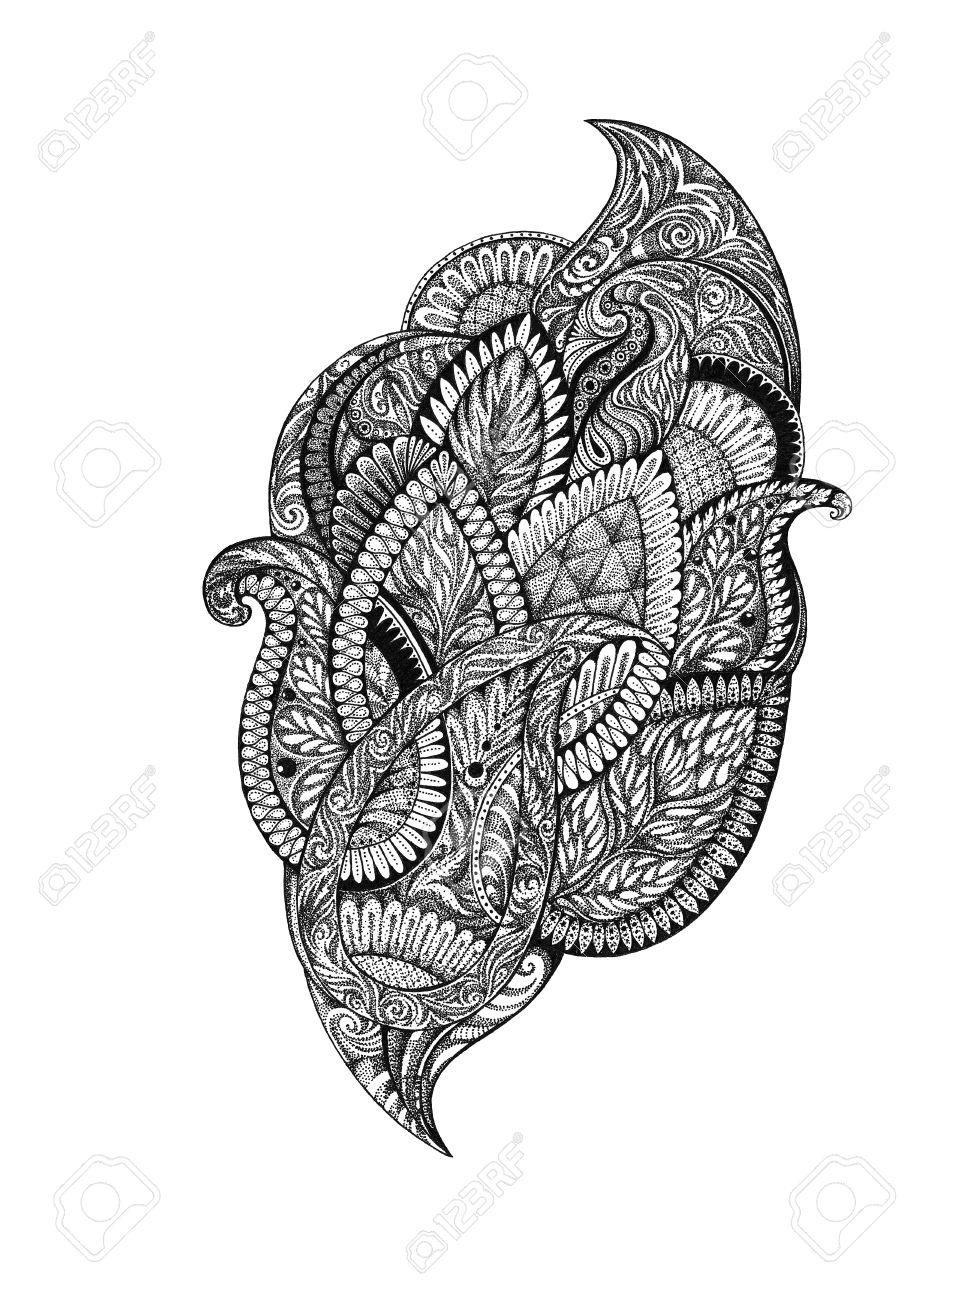 Dessin A La Main Image Graphiques Ornements Floraux Dans Le Style